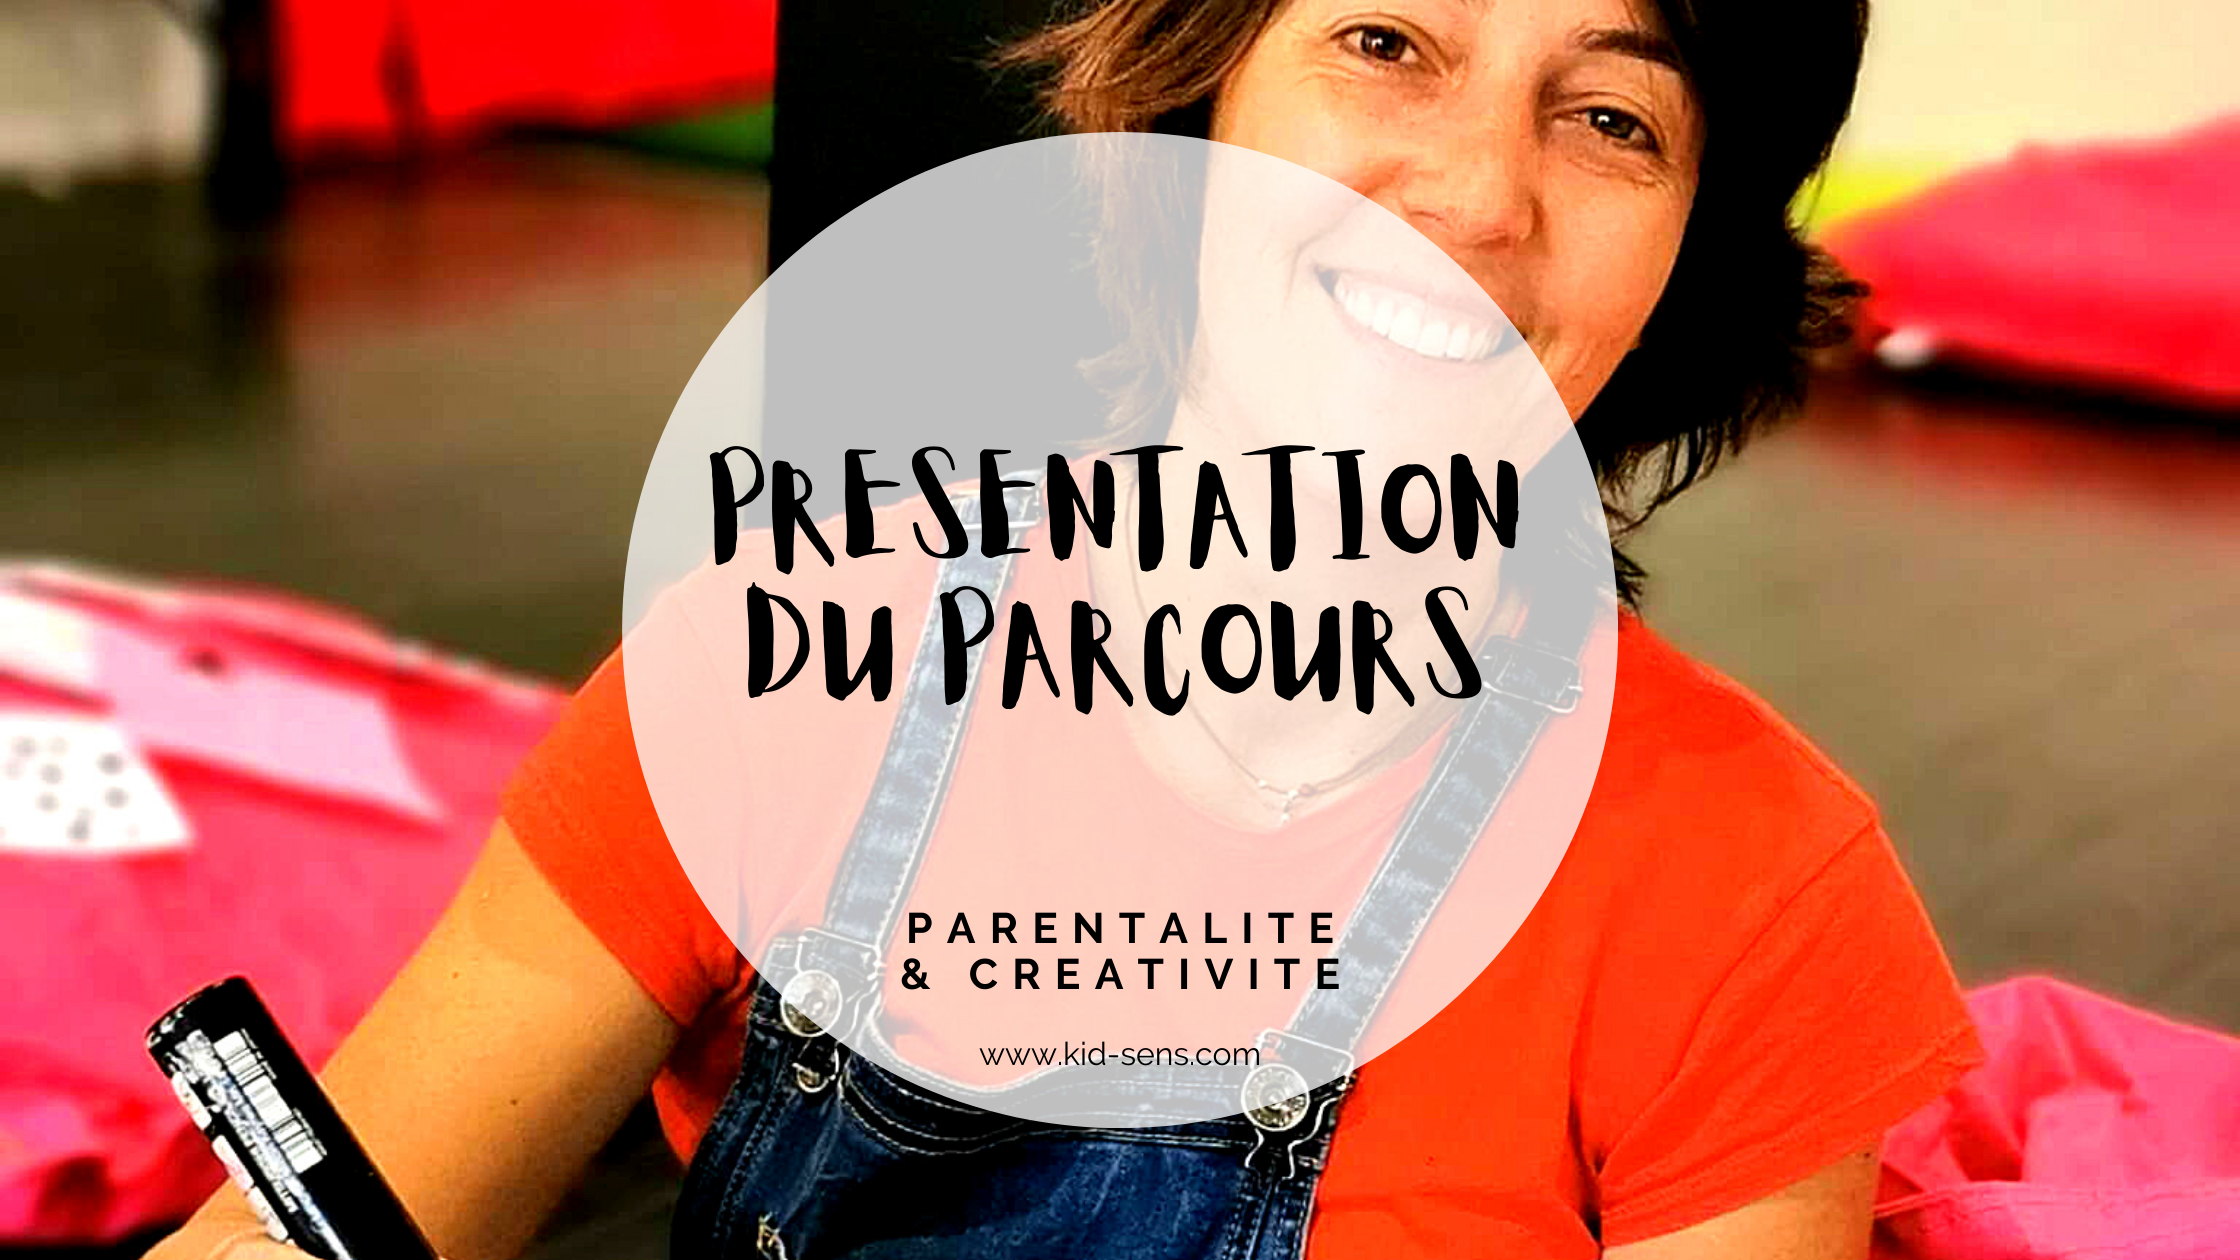 Présentation du Parcours Parentalité & Créativité